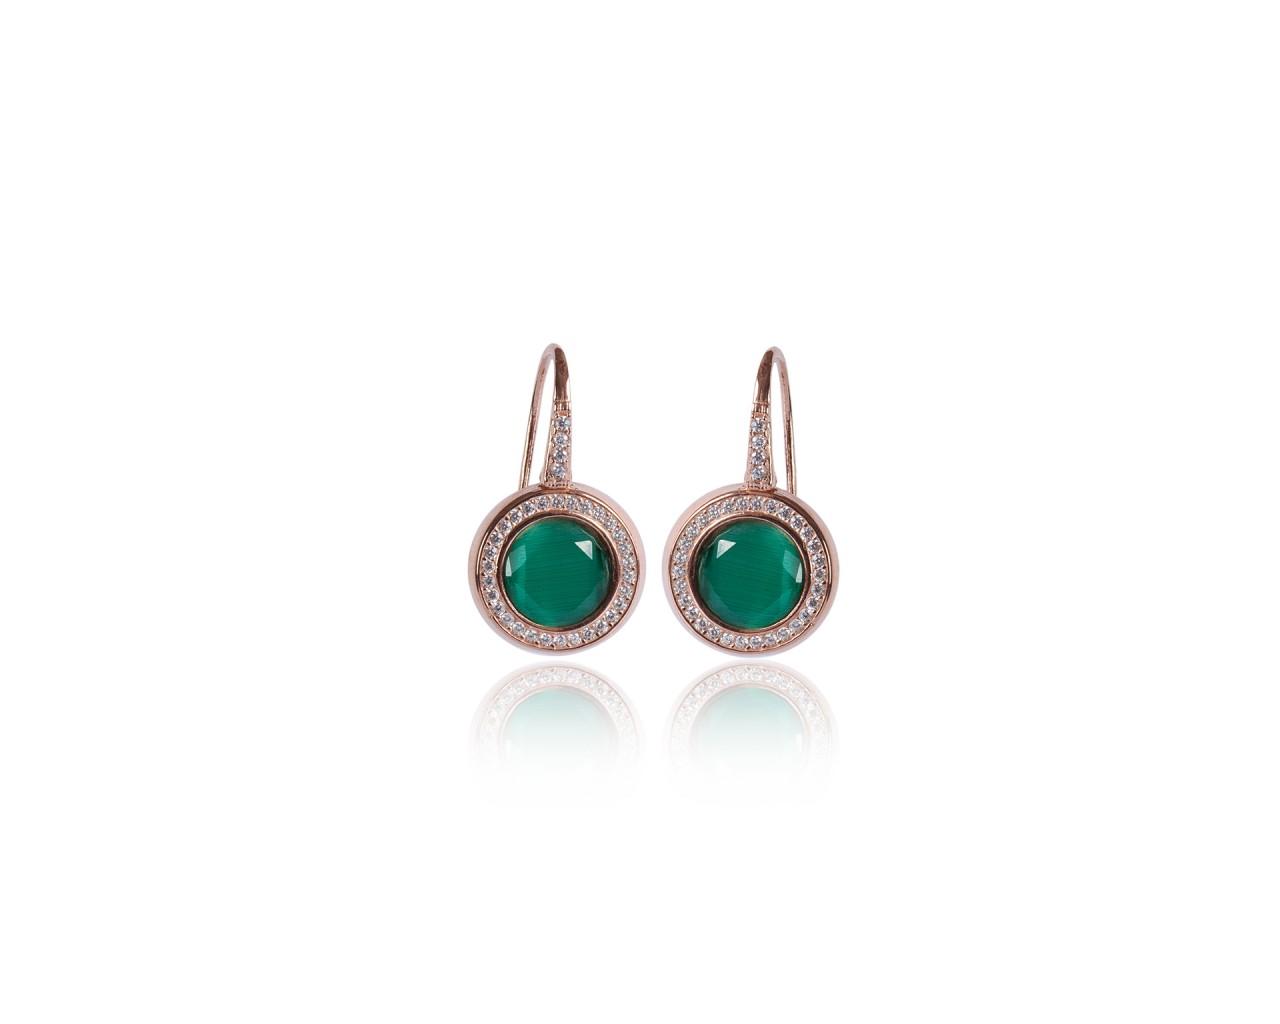 Orecchini in argento con finitura rosè e pietre dure color verde scuro